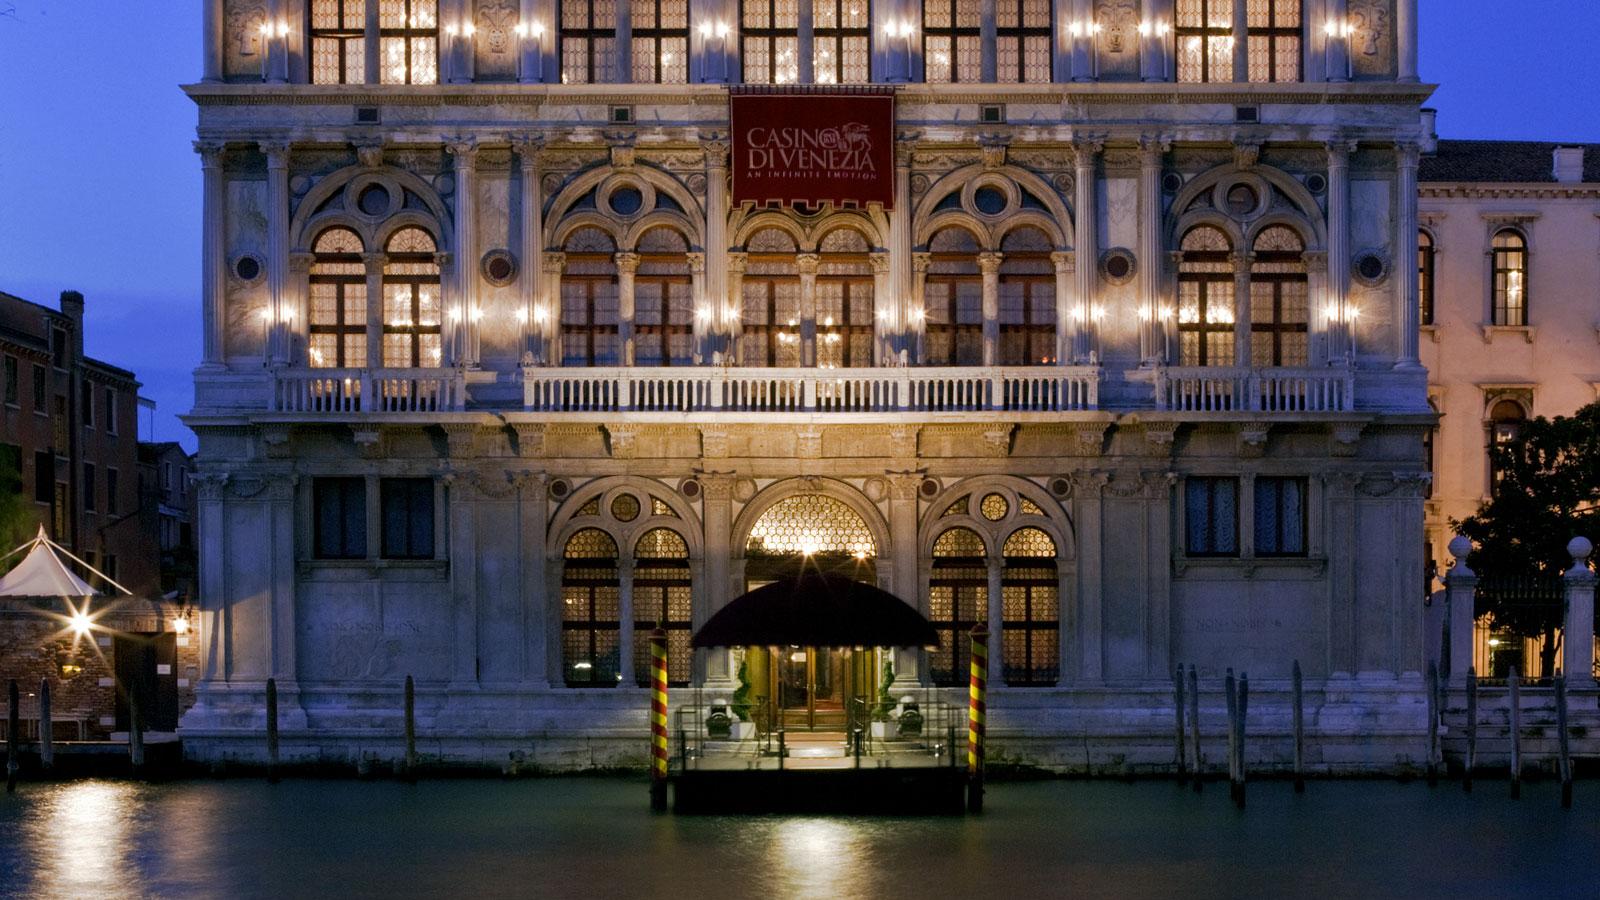 Glücksspiel Reiseziel Venedig: Das Casino di Venezia: ist die älteste Spielbank der Welt